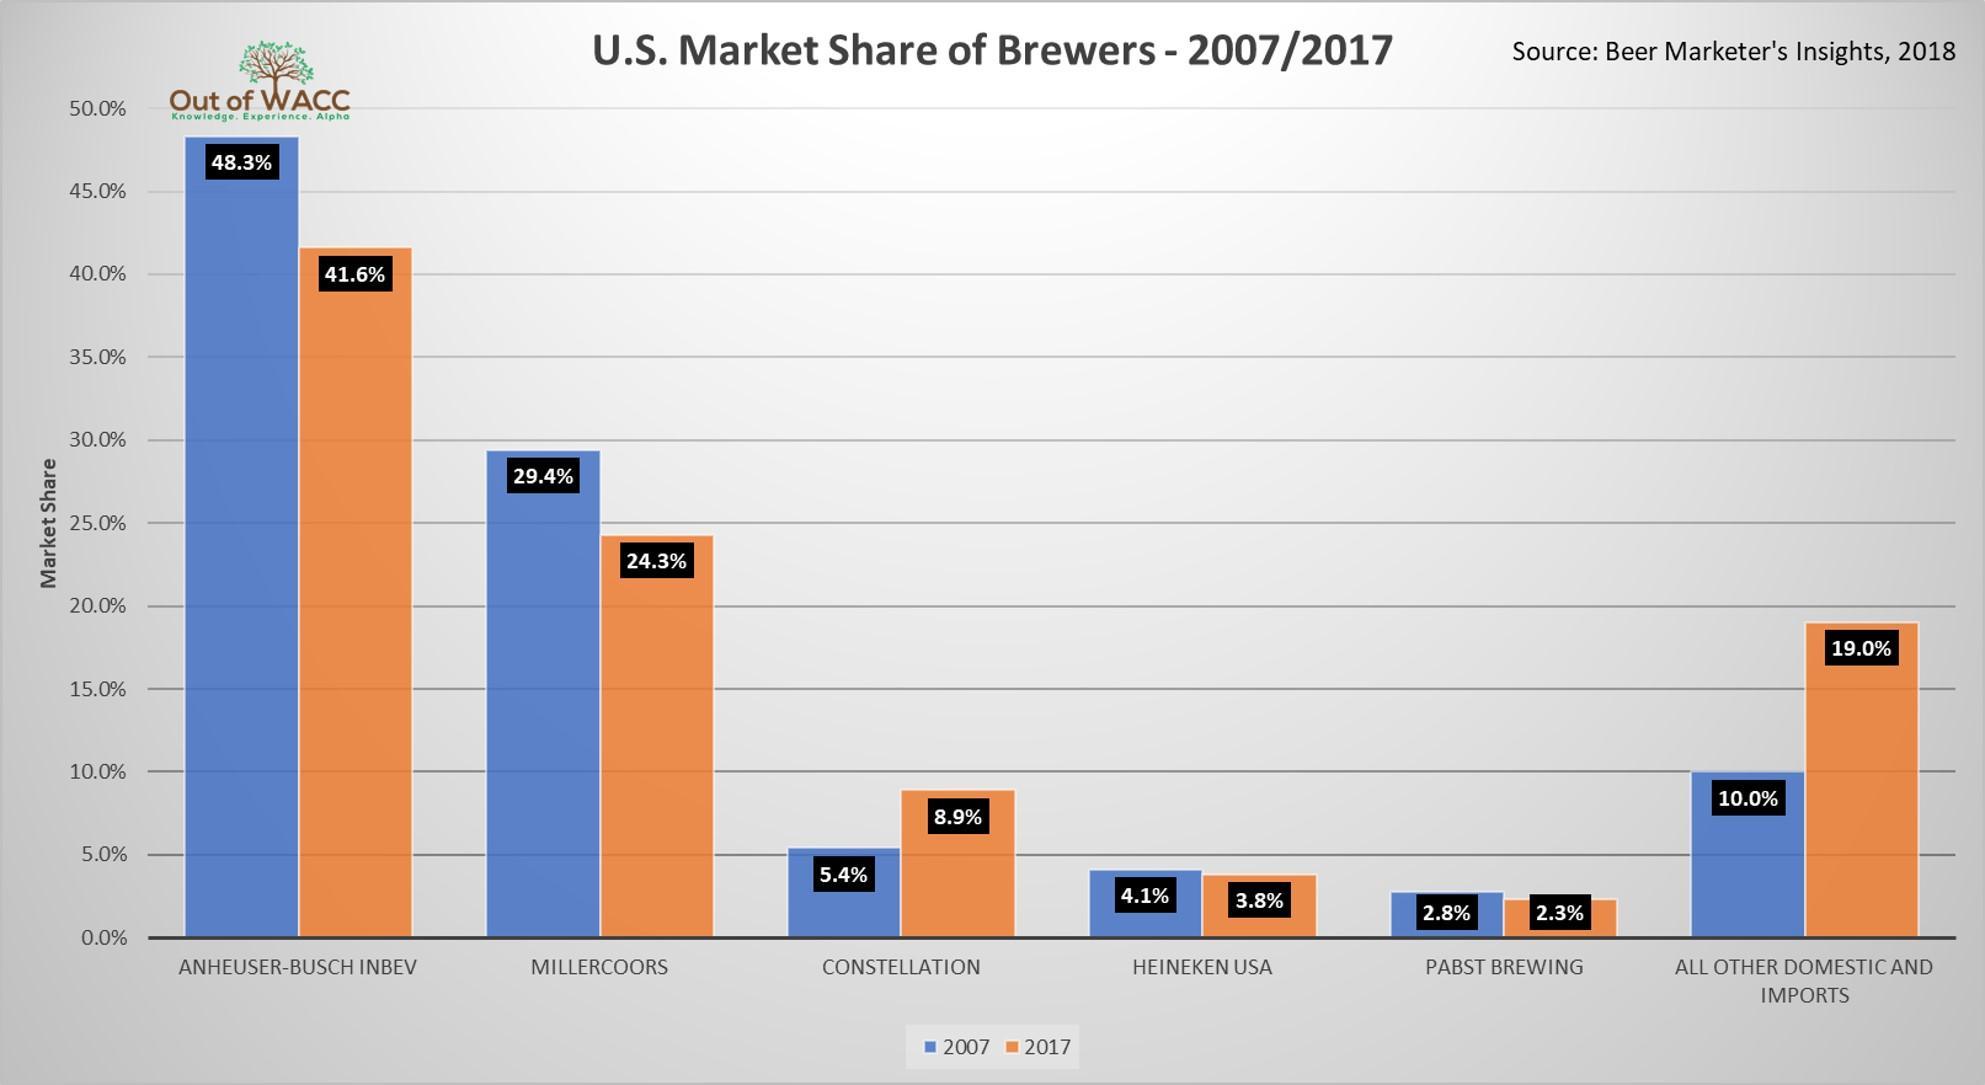 Anheuser busch inbev love the beer giant anheuser busch for Craft beer market share 2017